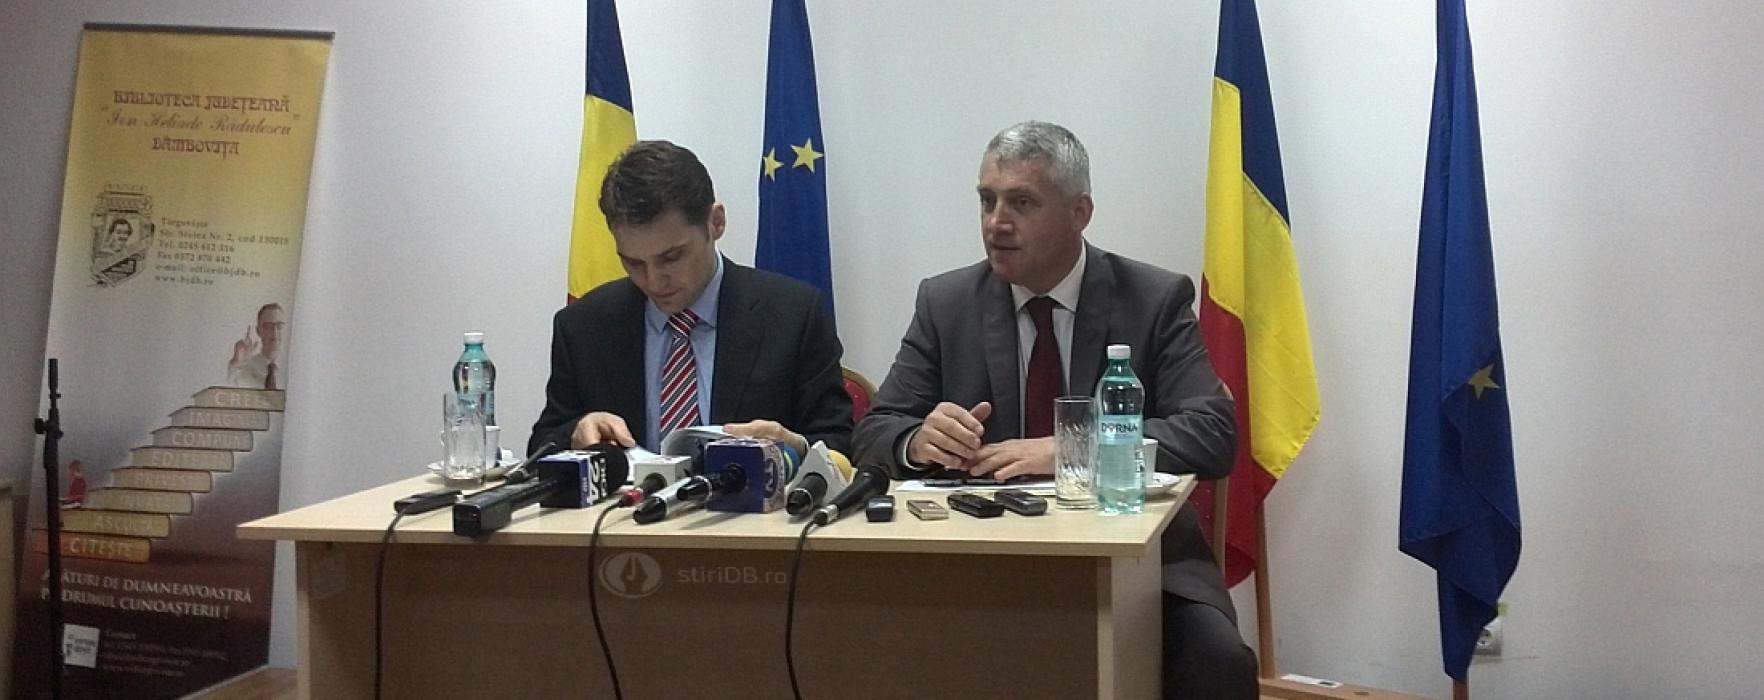 Ministrul Transporturilor, Dan Şova, efectuează miercuri o vizită în Dâmboviţa